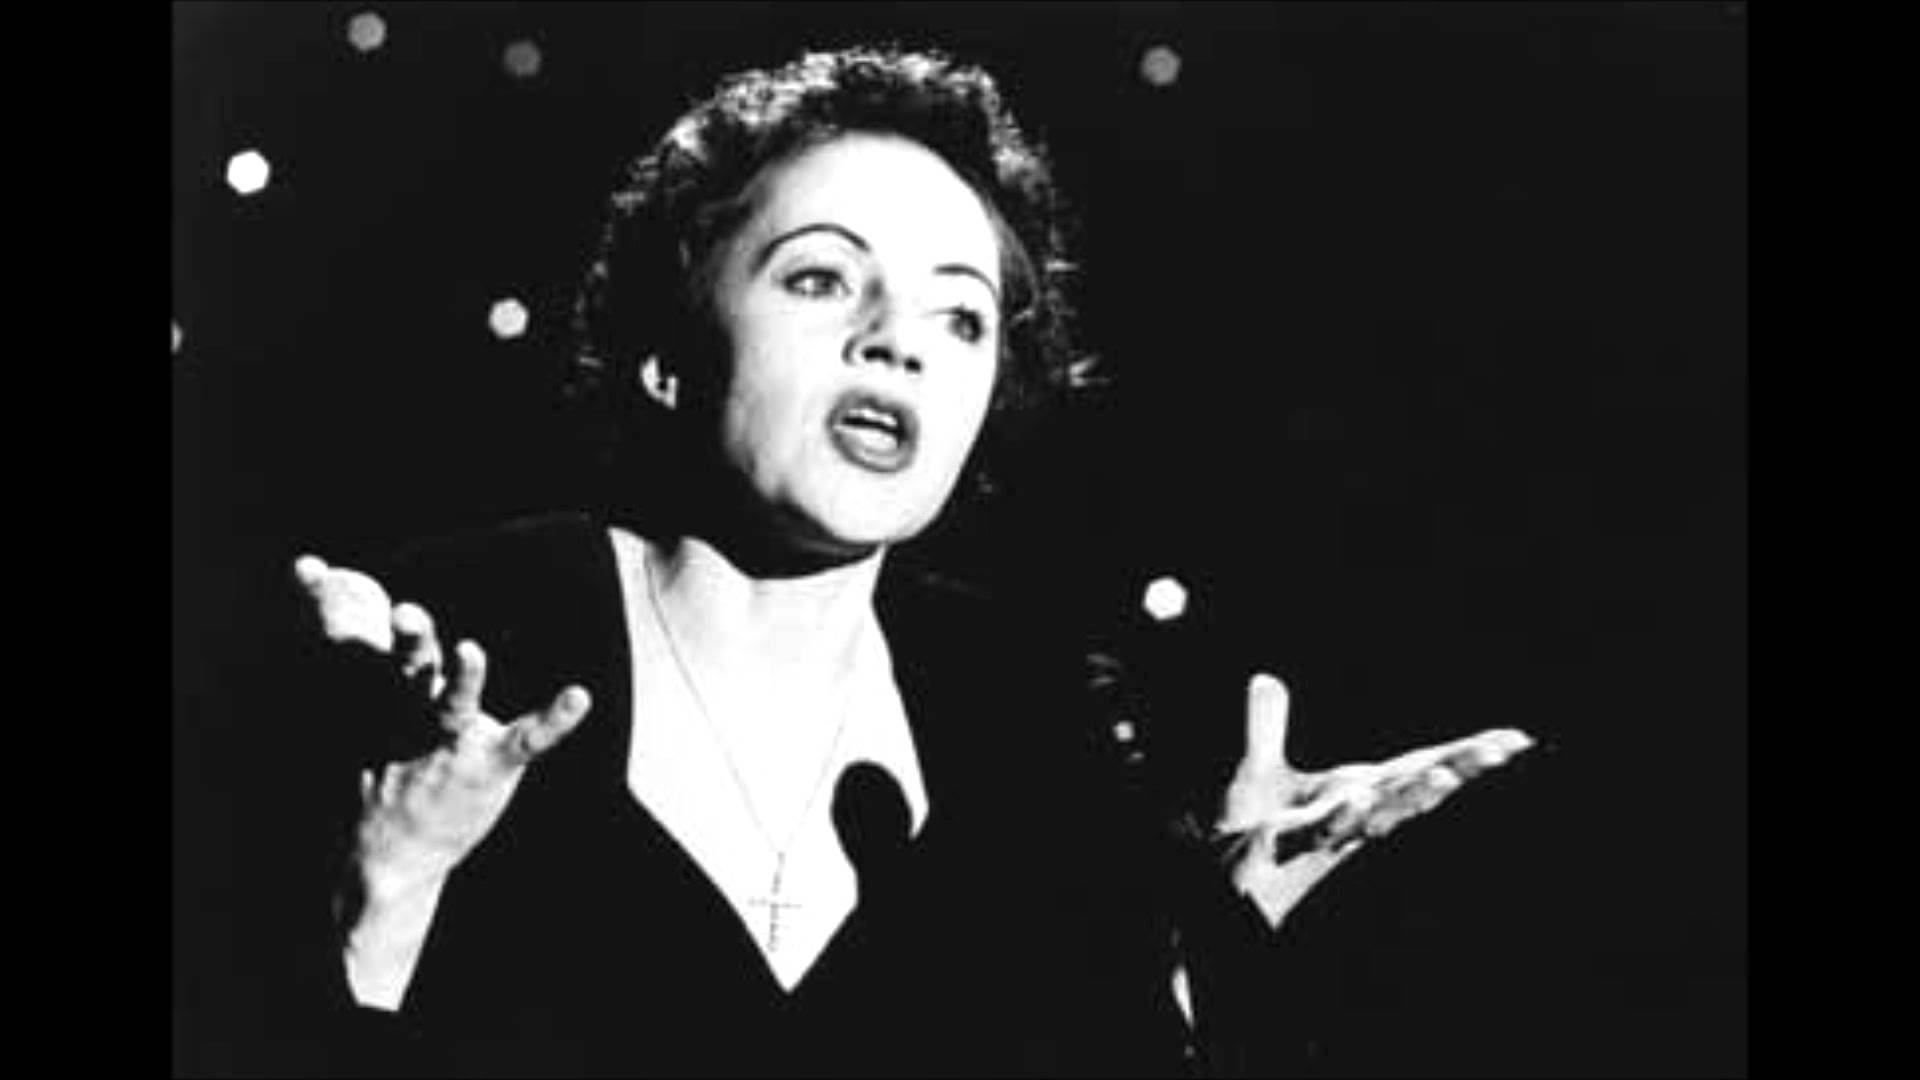 """Quem canta melhor """"As Folhas Mortas""""? Eu aposto em Edith Piaf. E você, leitor?"""